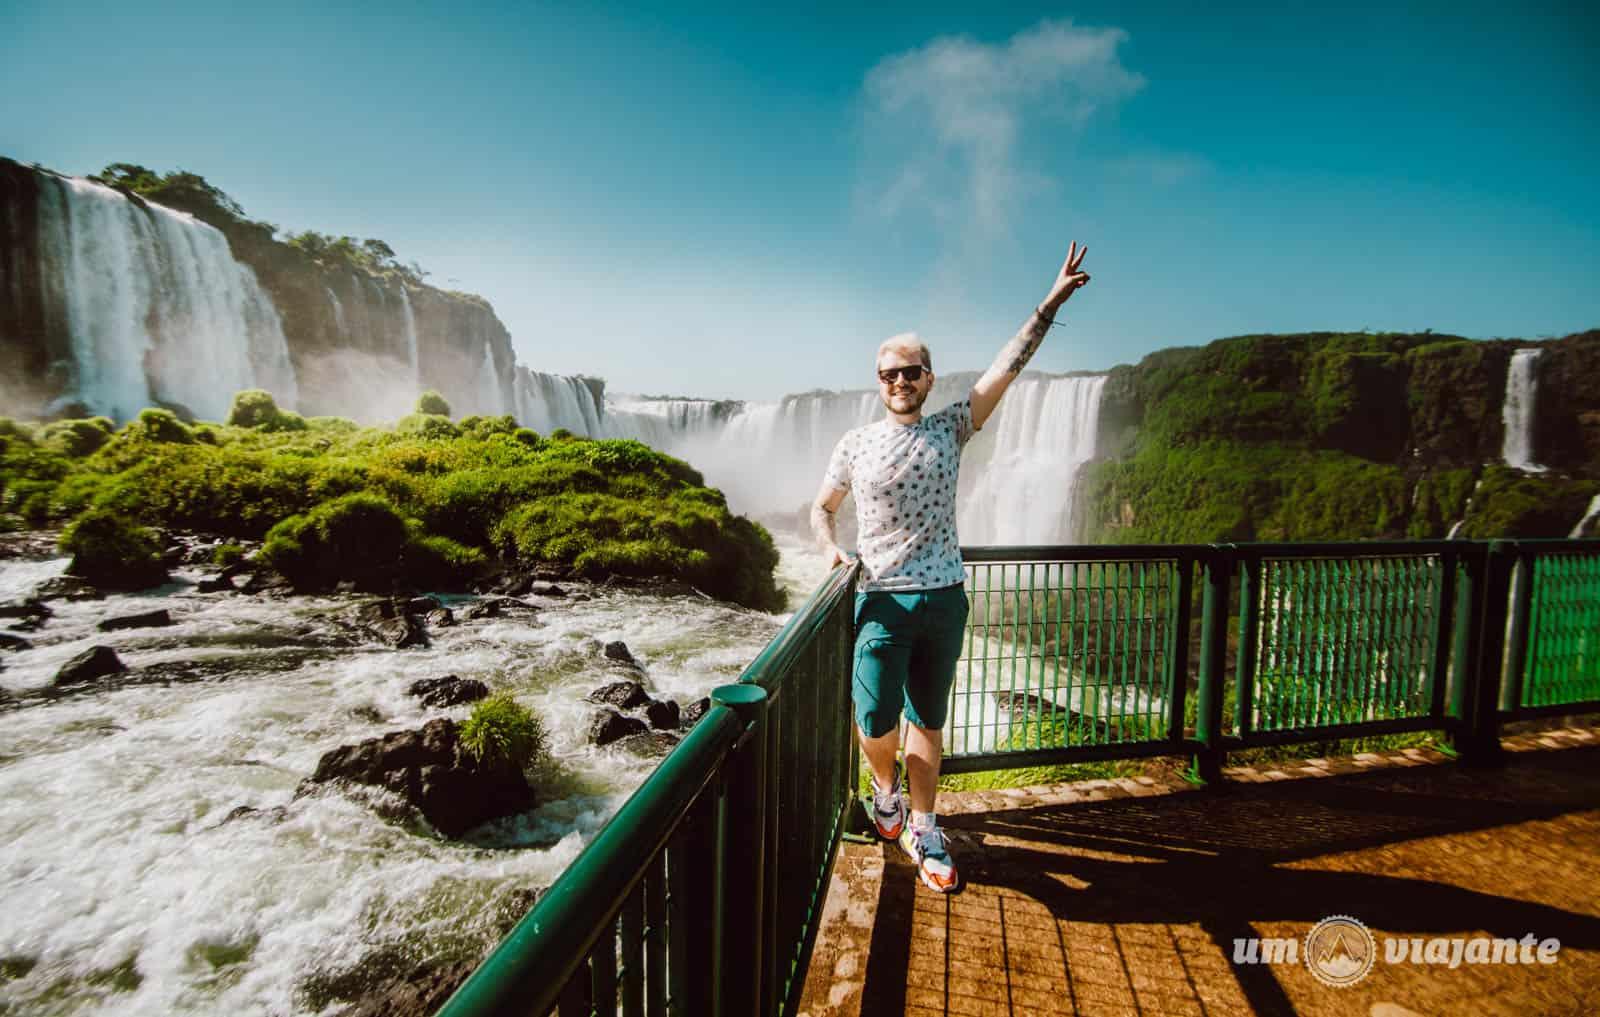 Roteiro de 3 dias Foz: Cataratas do Iguaçu - DIA 1